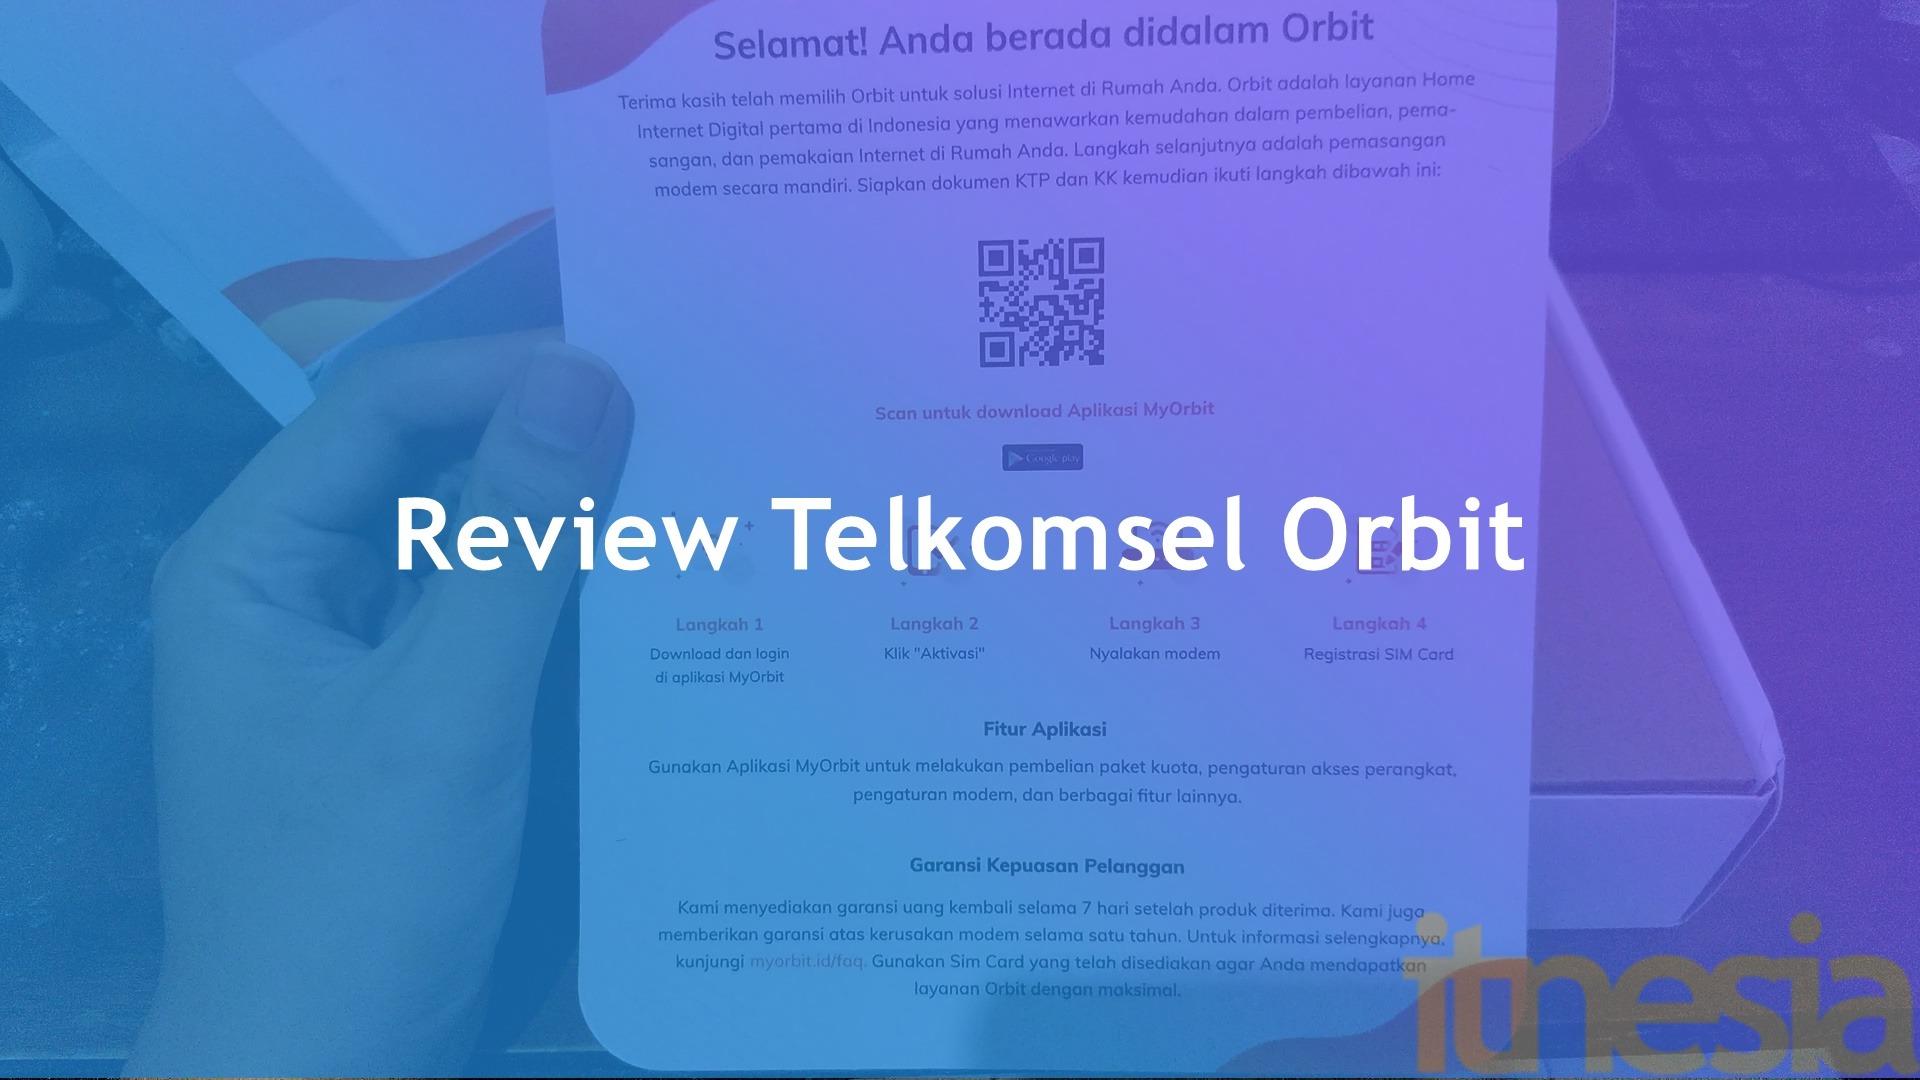 Review Telkomsel Orbit Pasang Wifi Di Rumah Tanpa Ribet Itnesia